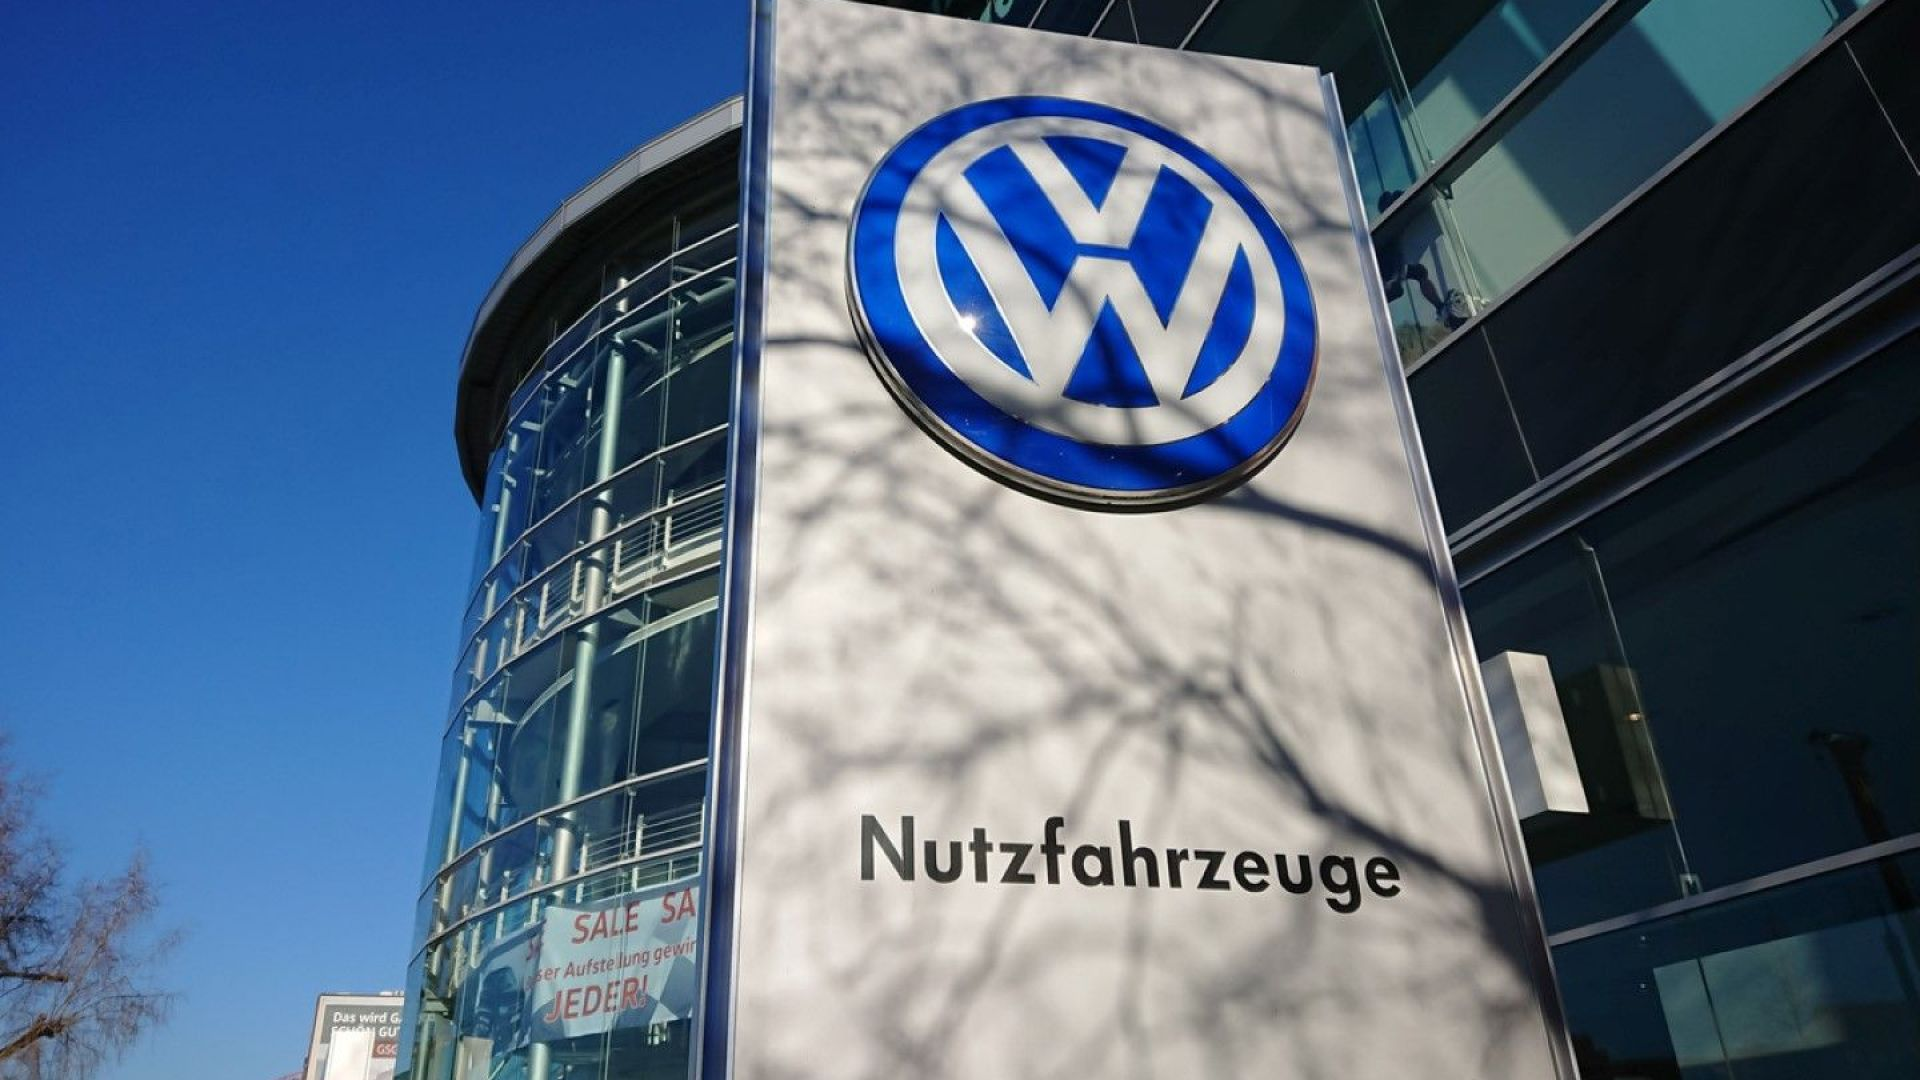 Обвиниха четирима мениджъри на Фолксваген за прекомерно високи заплати